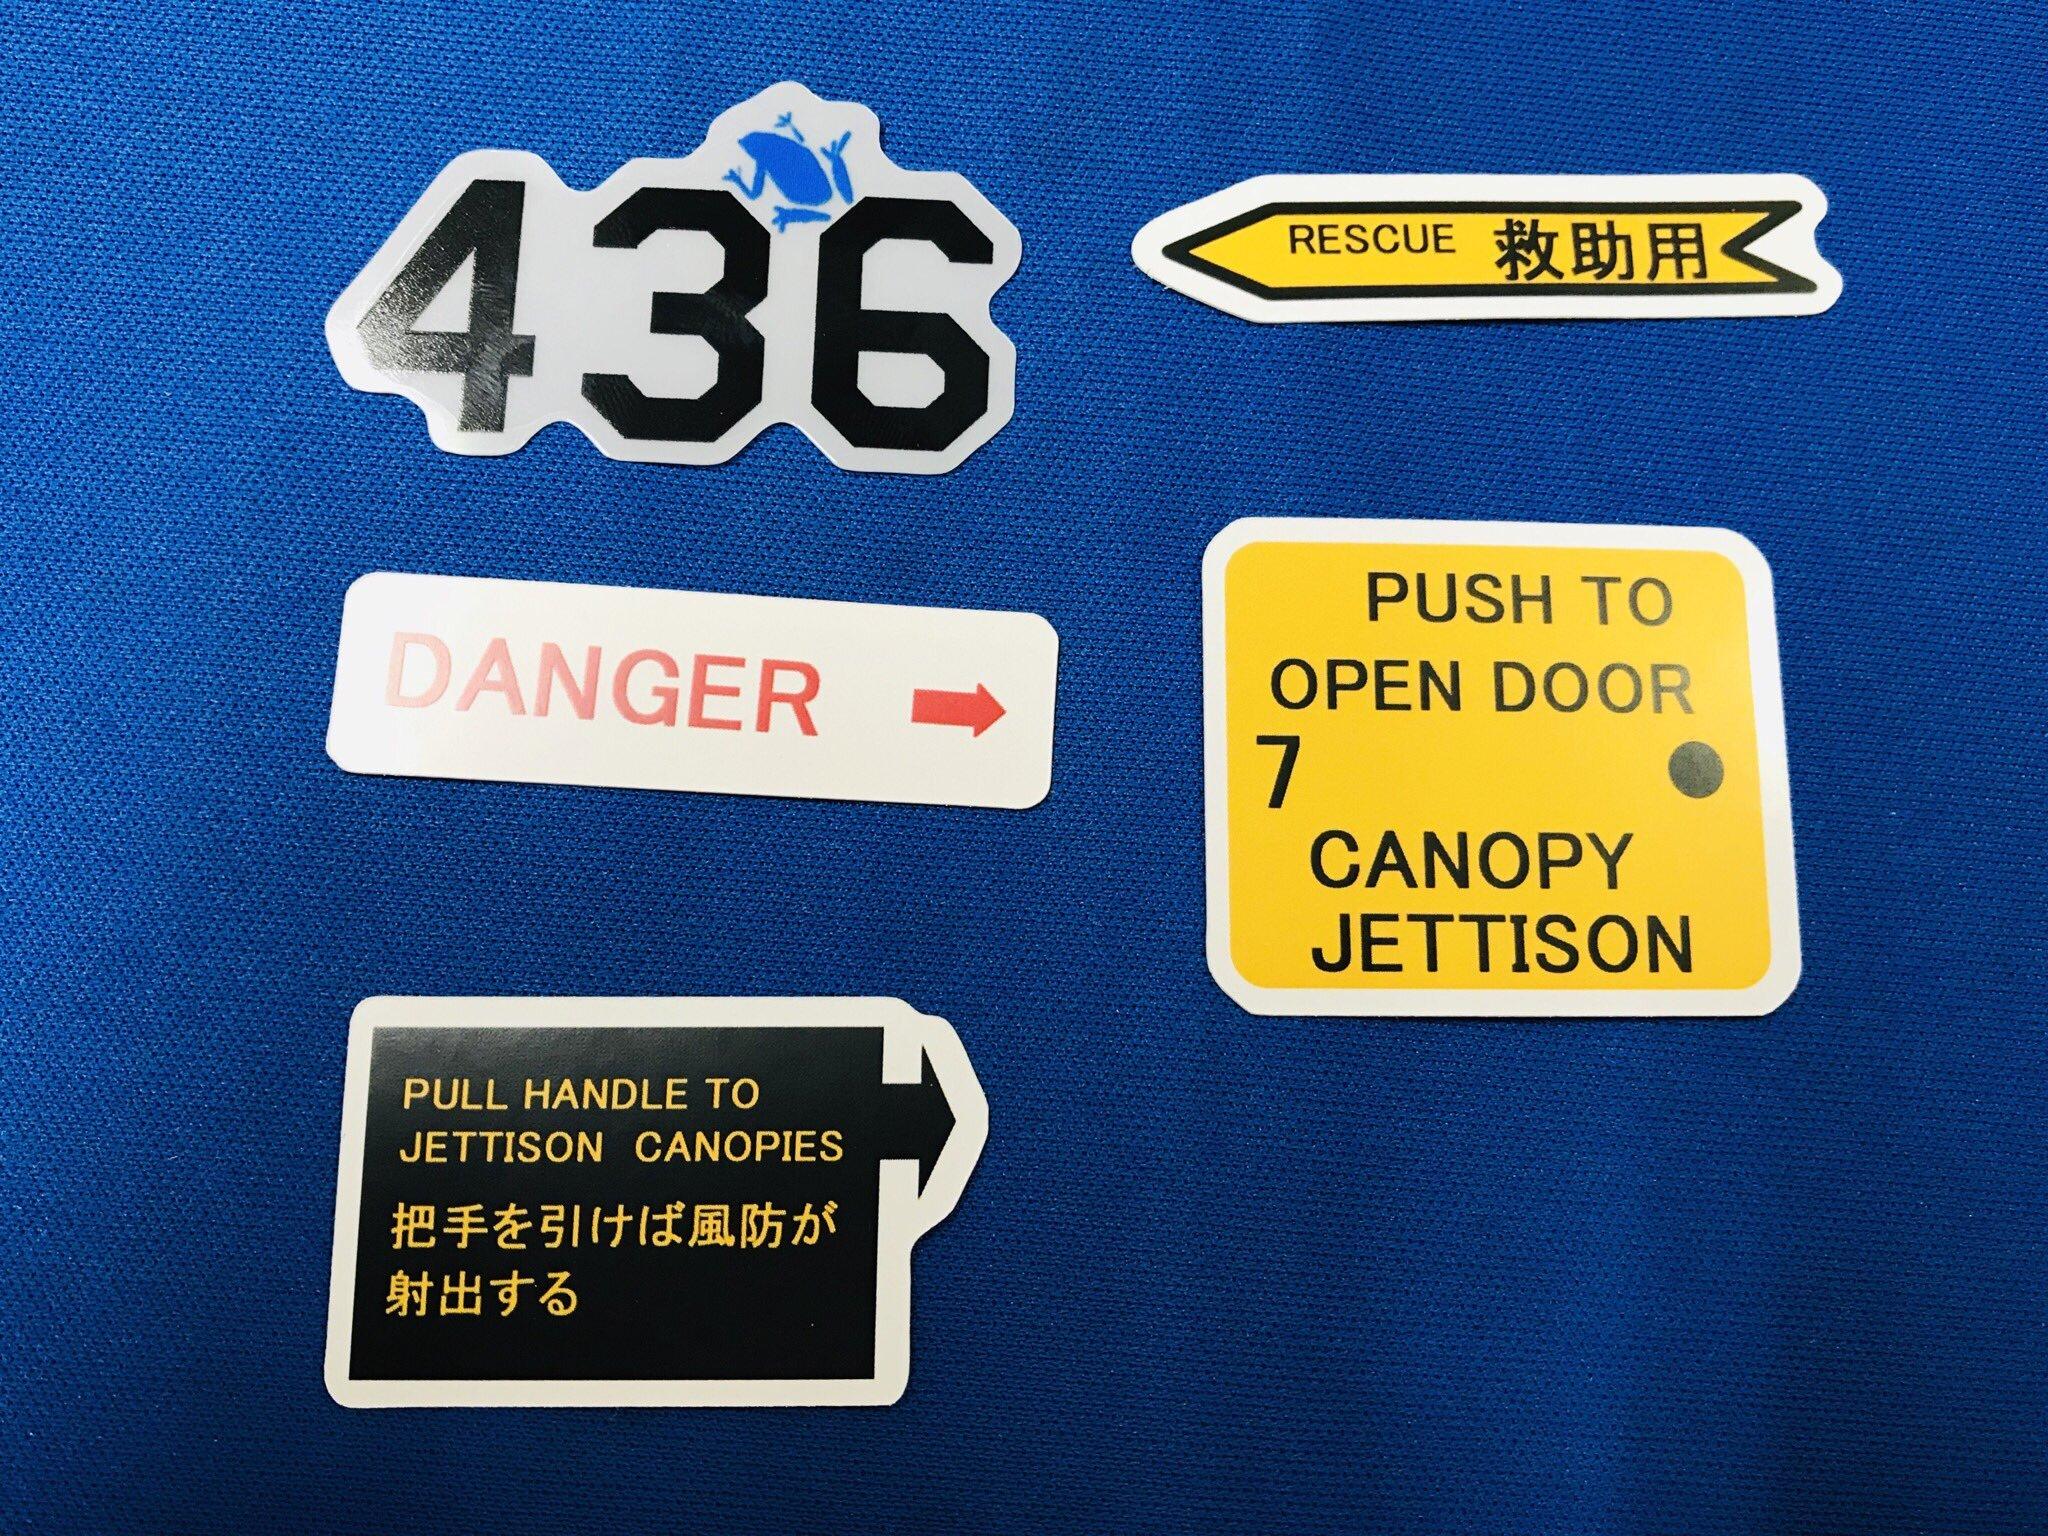 【あいふらファントム感謝祭・先行販売】ひこうき工房Azul~あすーる~/ファントムパーツフレークシール